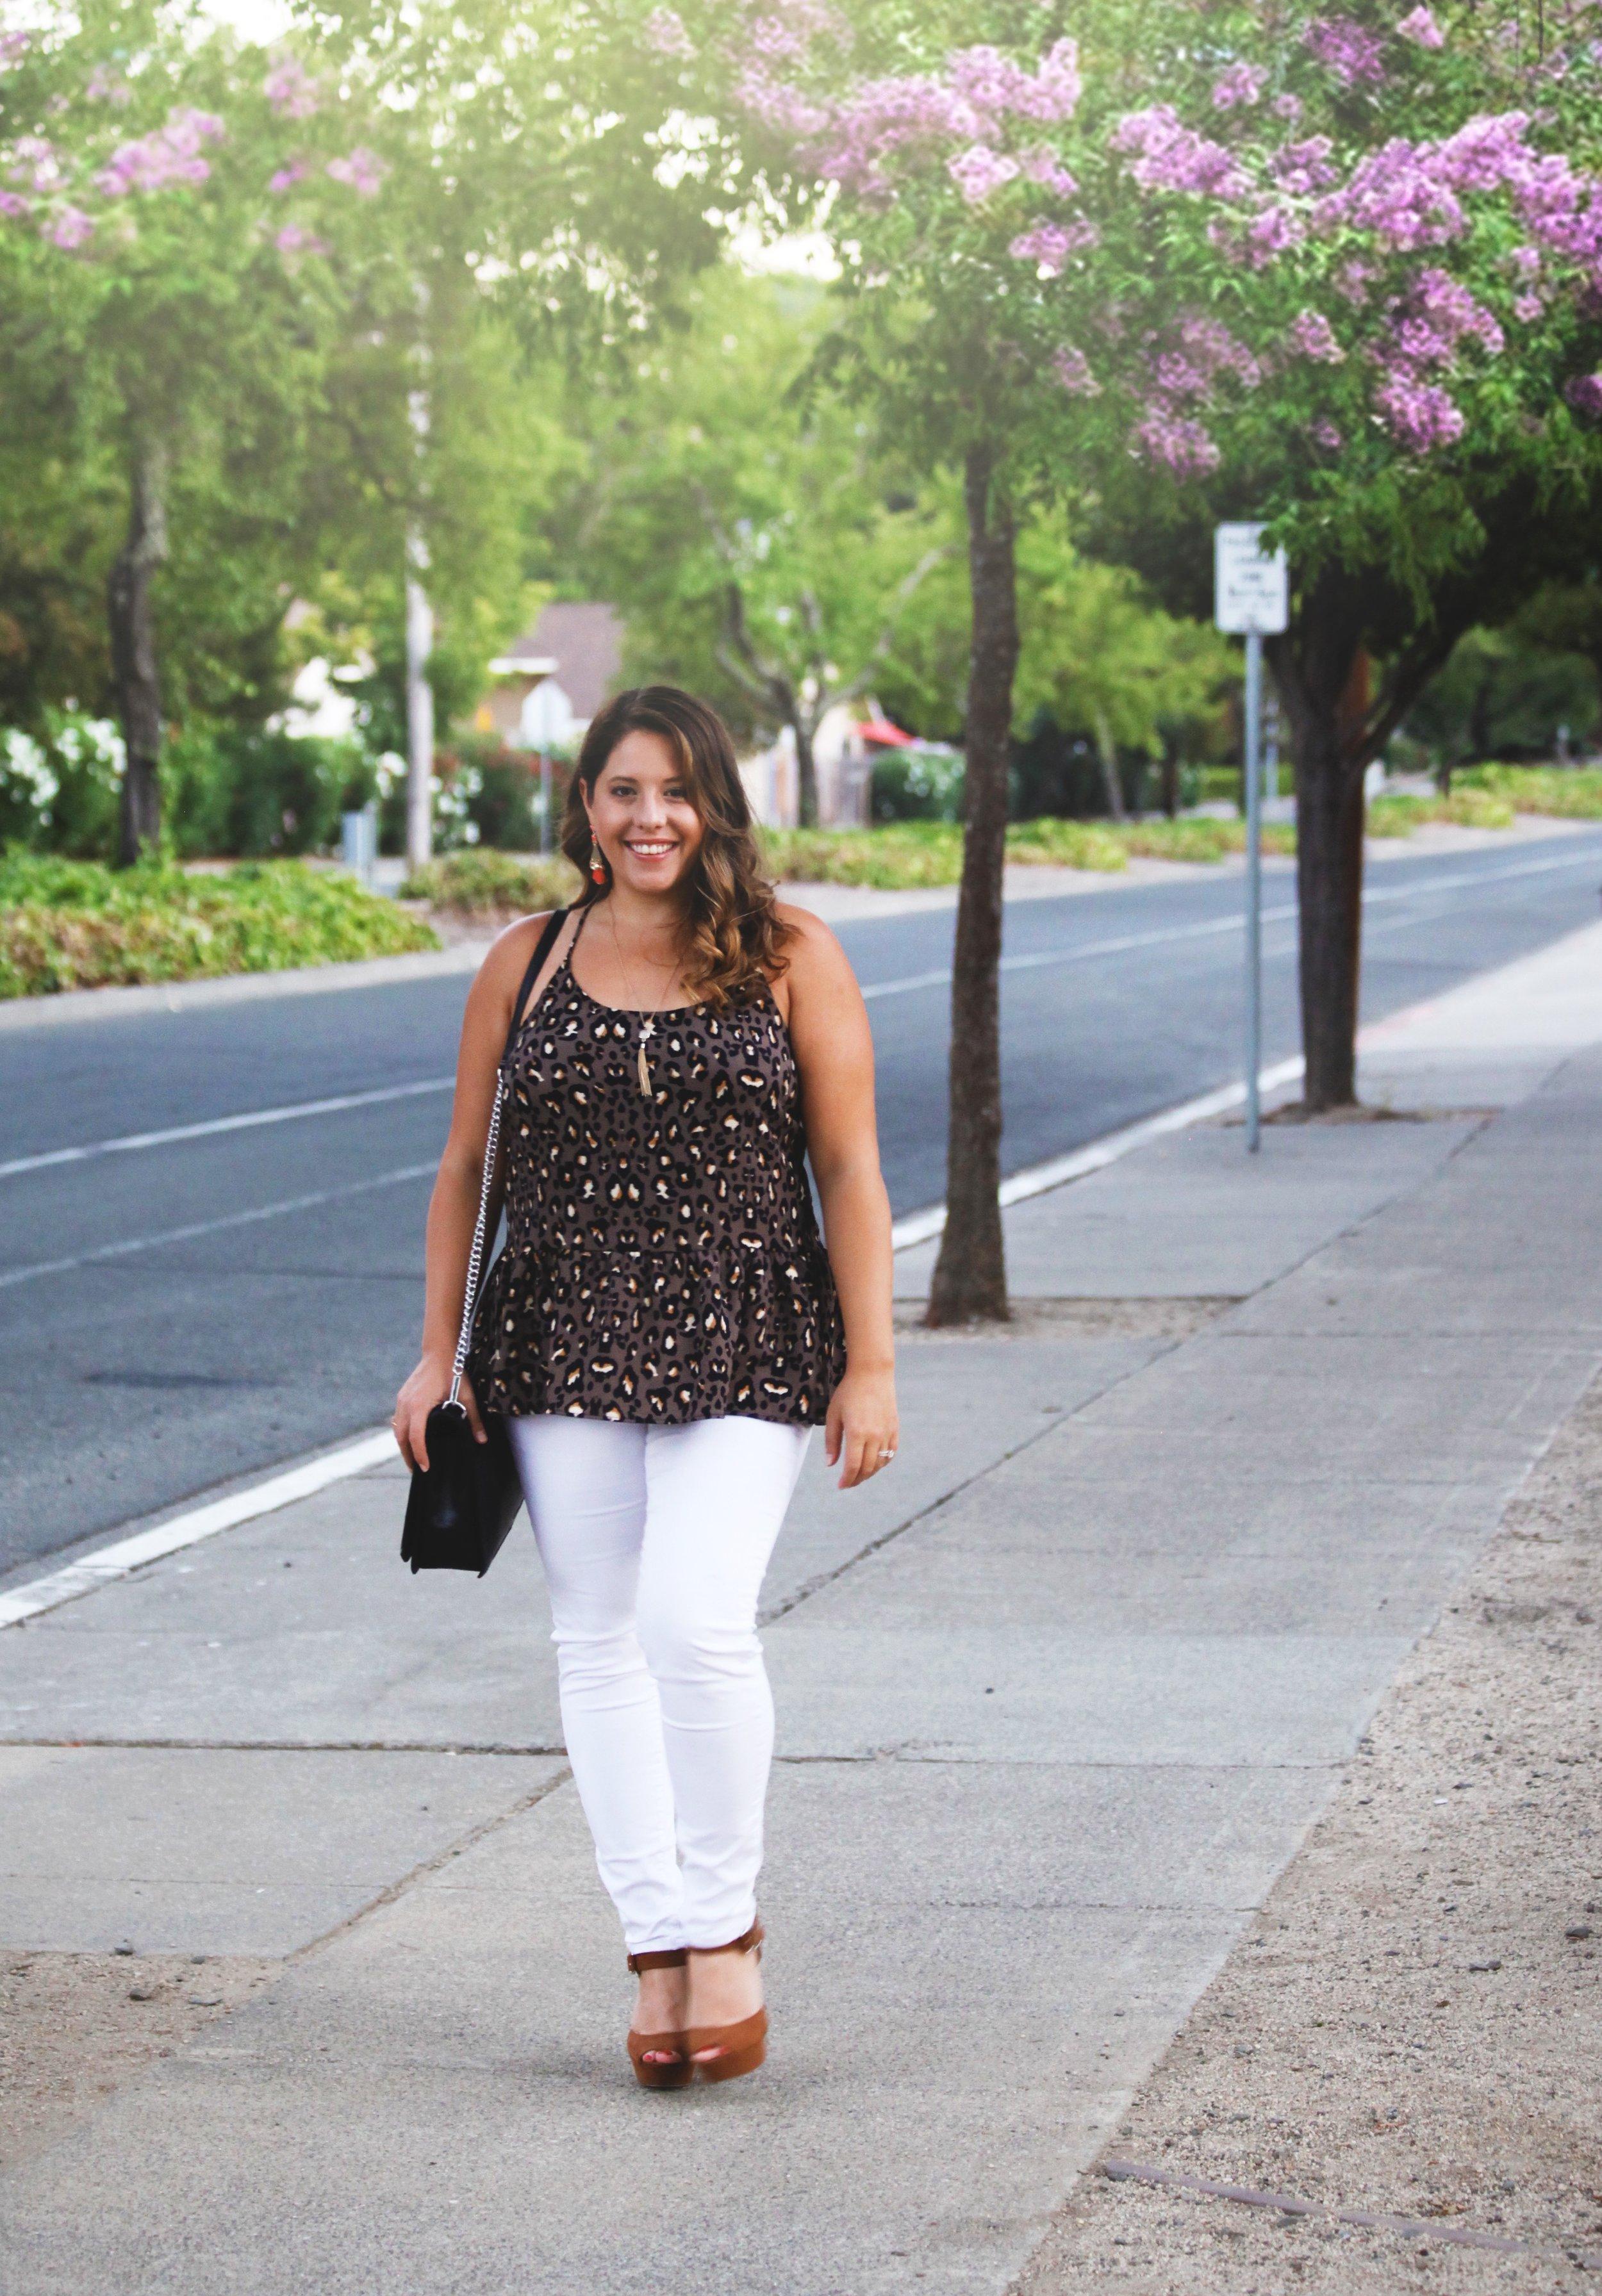 Details// Charlie Leopard top, White Joes Jeans, Target Heels, Rebecca Minkoff Bag, Wilde Earrings.